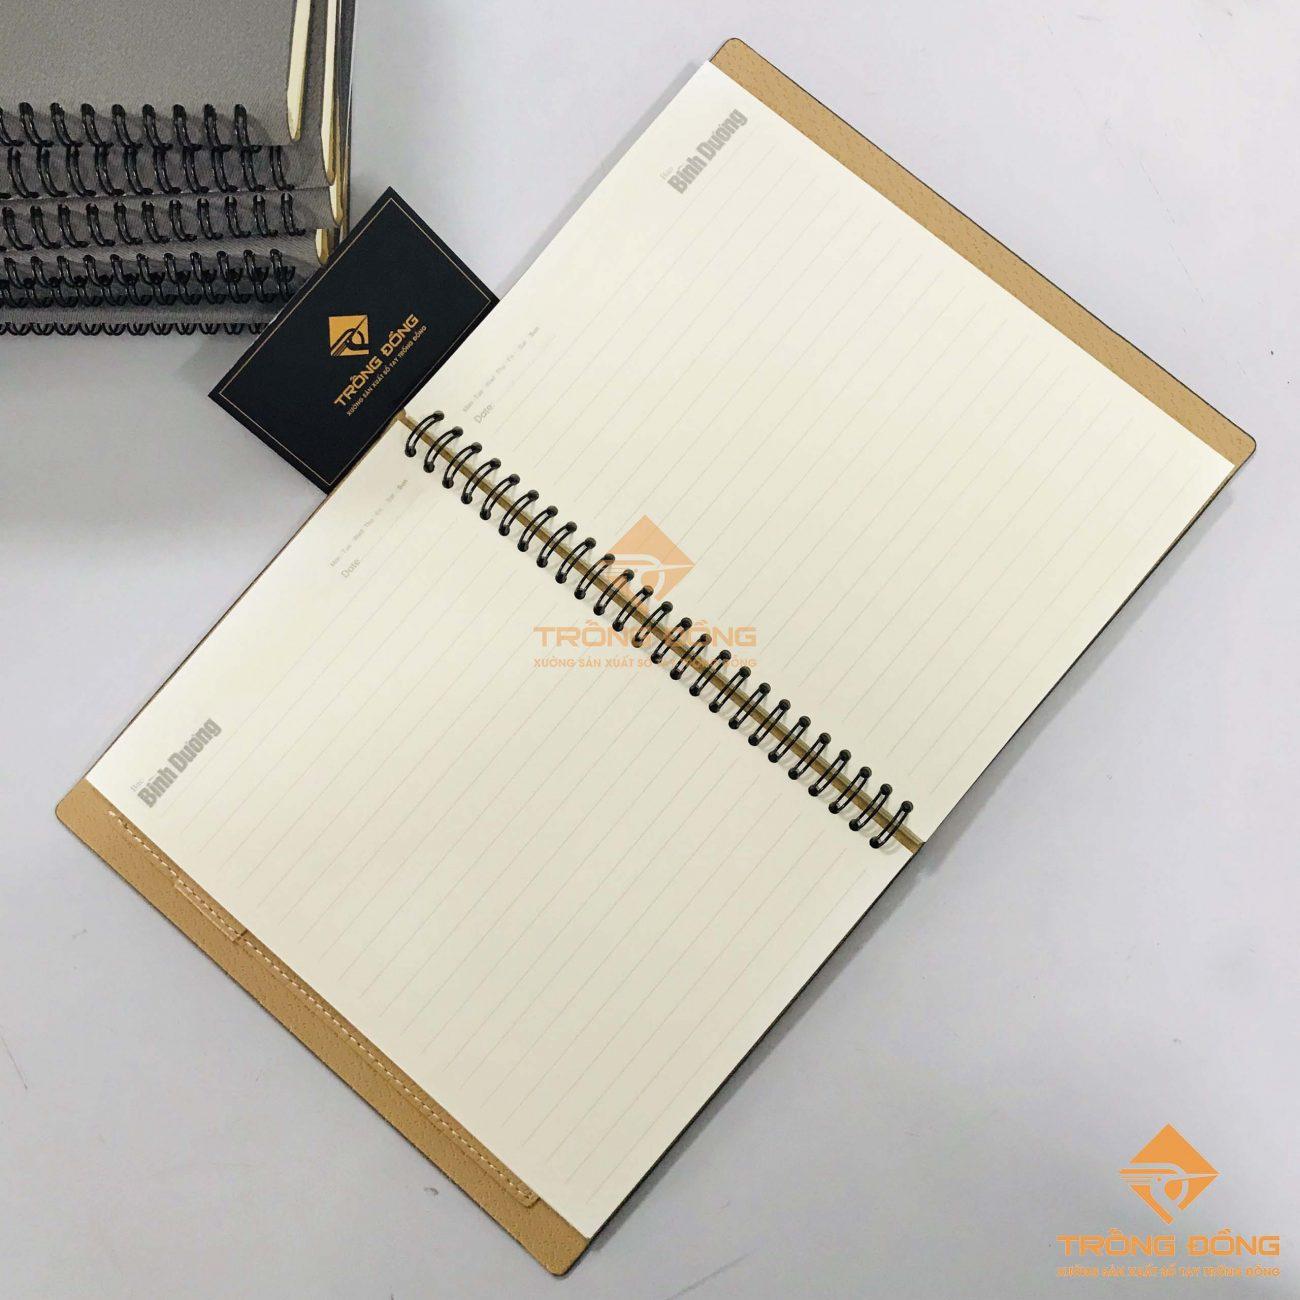 Phần ruột sổ tay lò xo bìa da được thiết kế và in ấn theo yêu cầu của khách hàng.